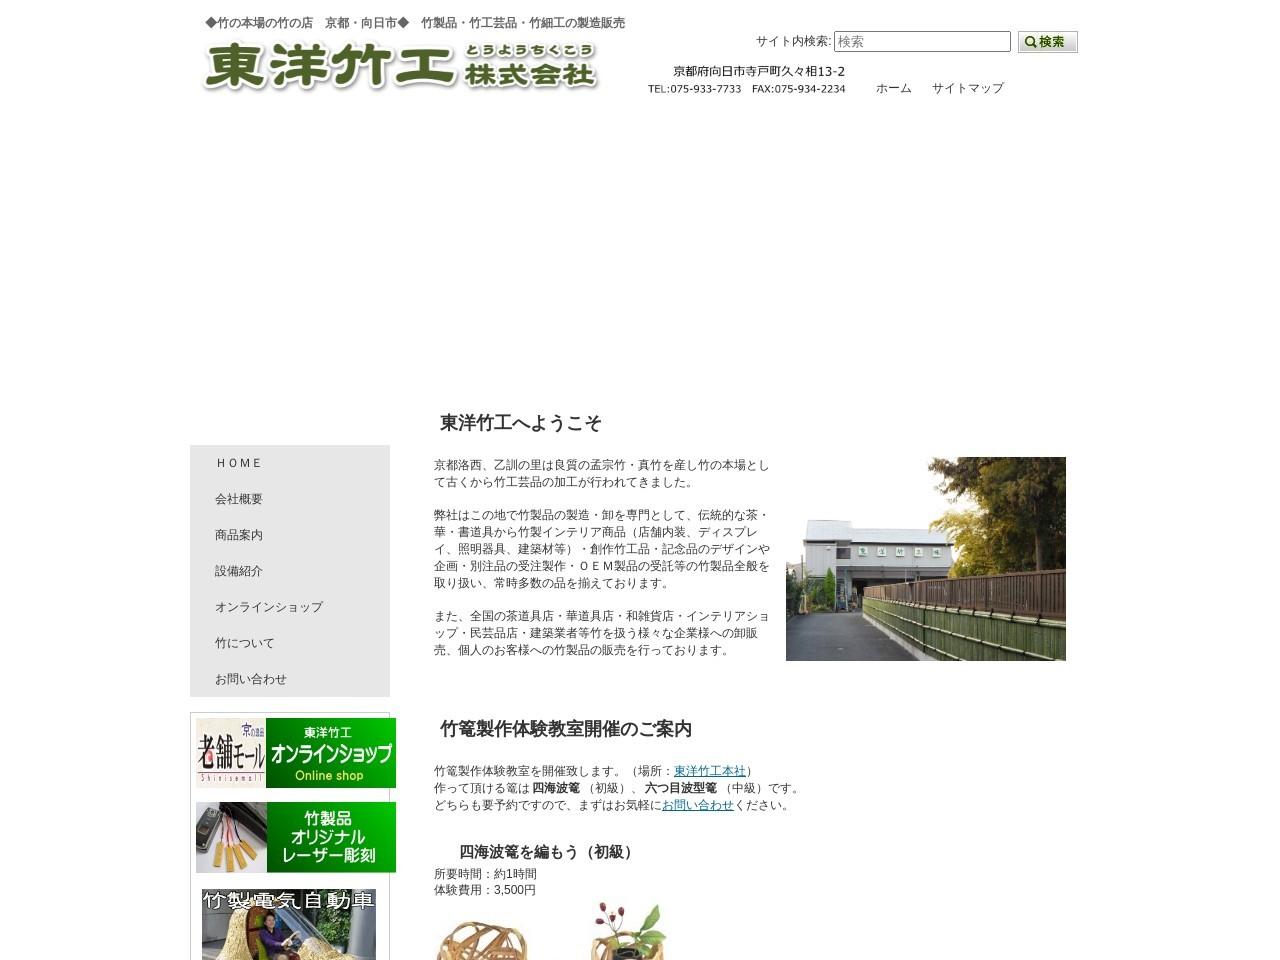 竹細工・竹工芸品・竹製品の販売 京都・向日市 東洋竹工株式会社